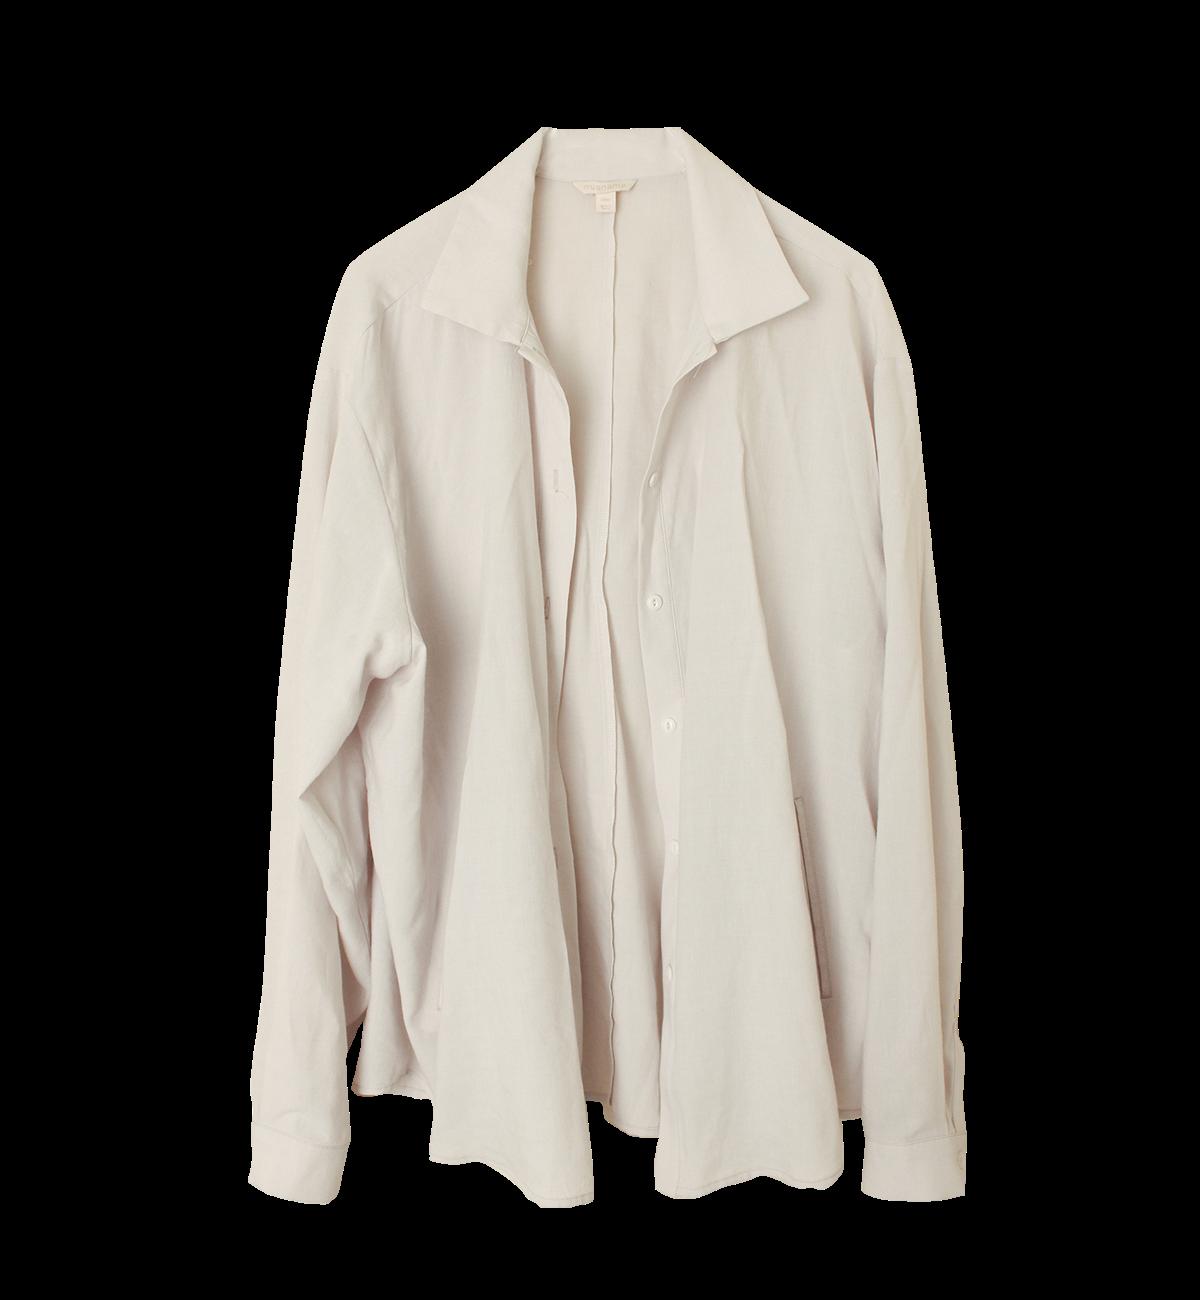 (unisex) Oversize side pocket shirt